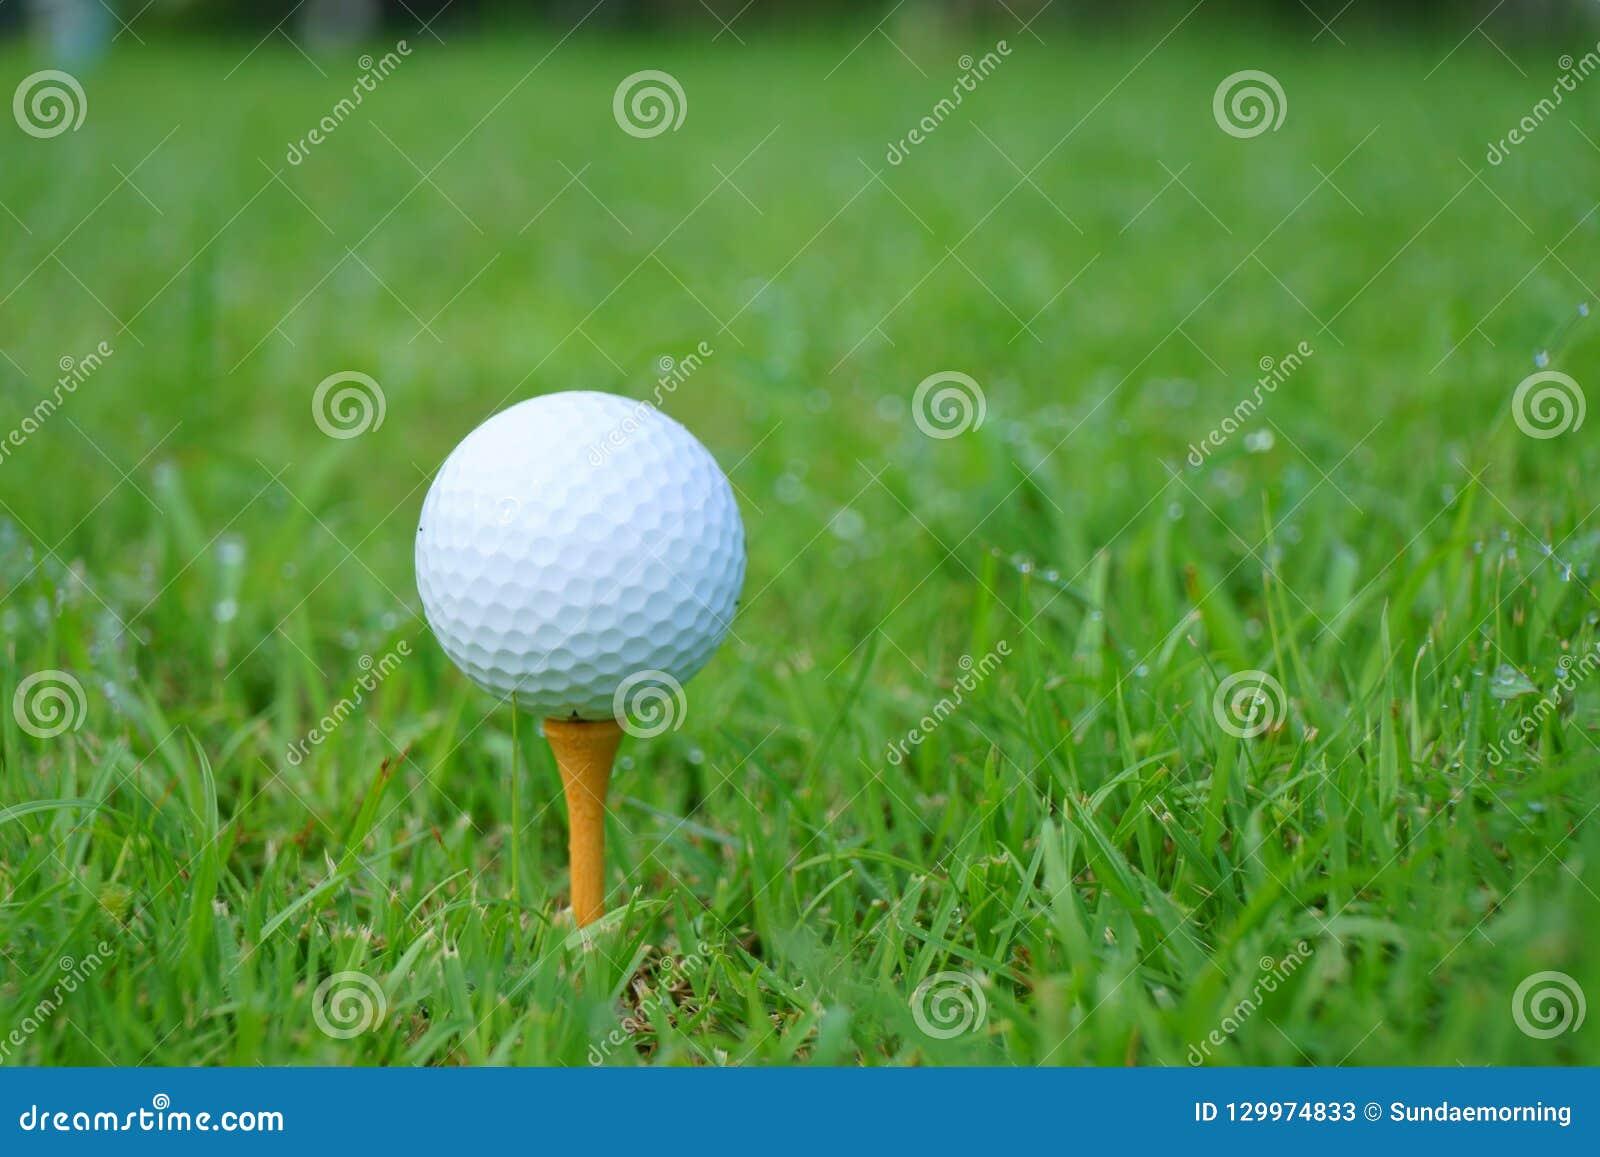 Golfboll och utslagsplats på grön kursbakgrund för golf